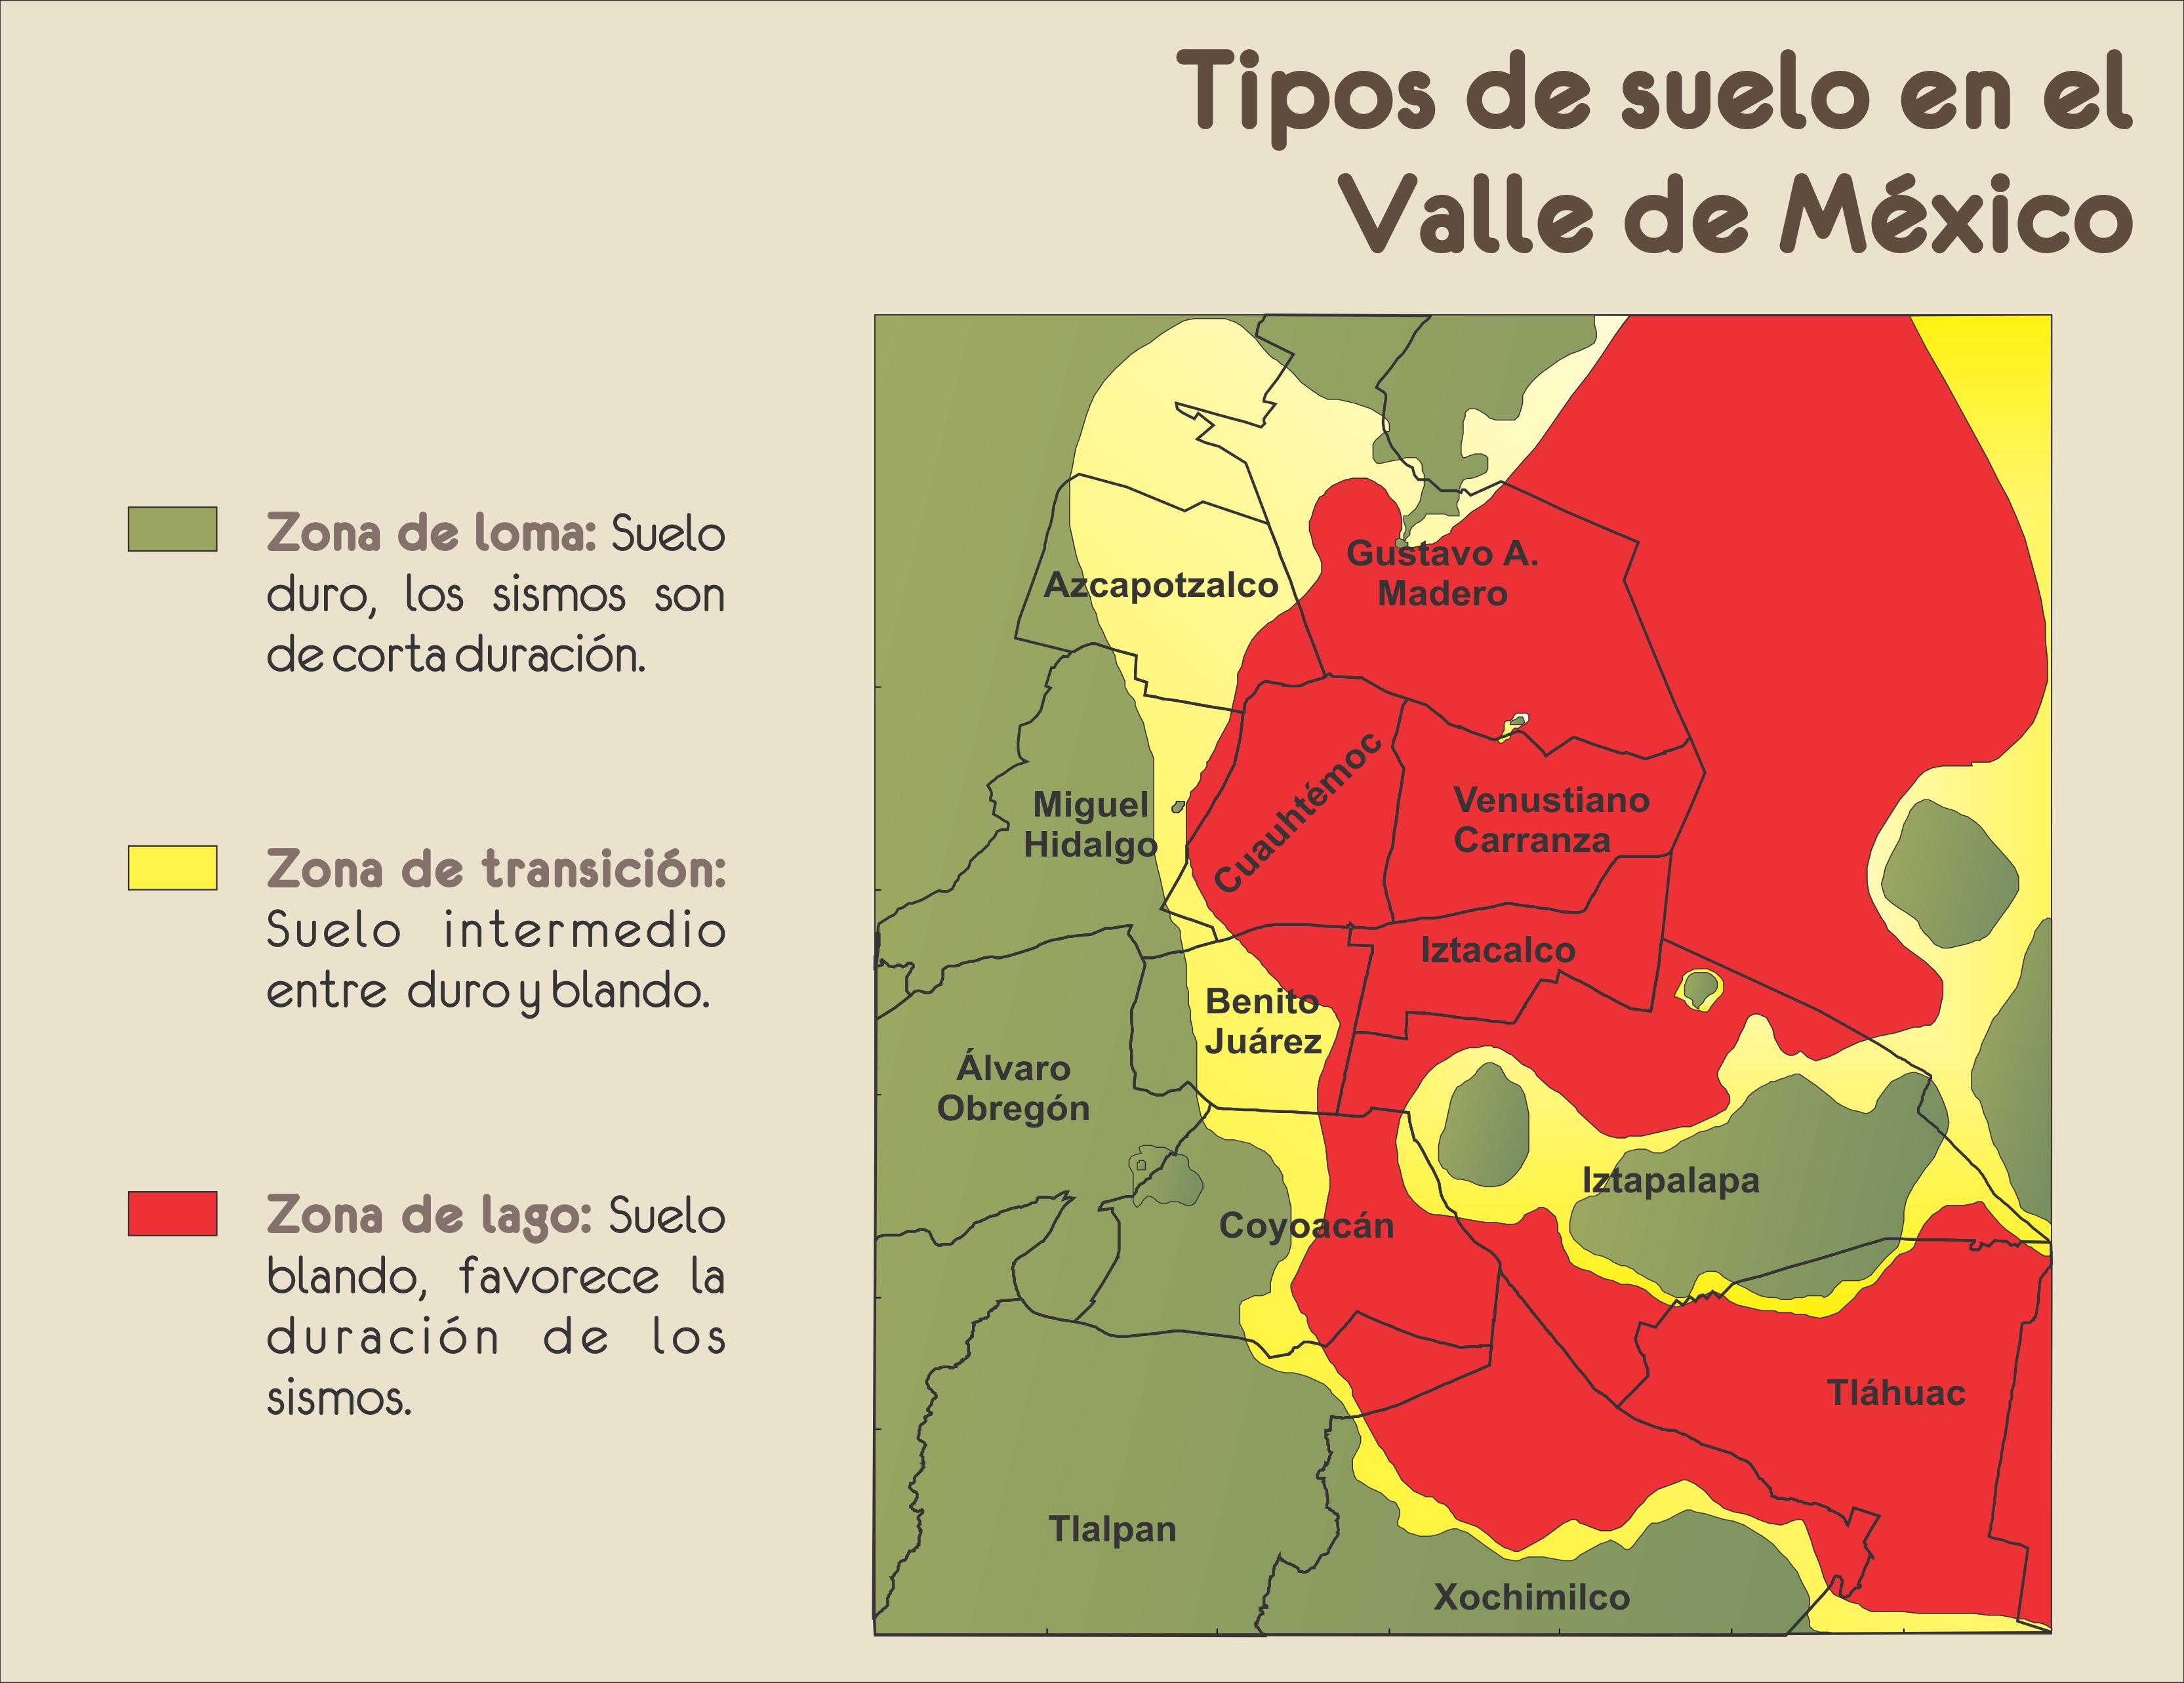 5 tipos de suelo en el valle de m xico for Tipo de suelo 1